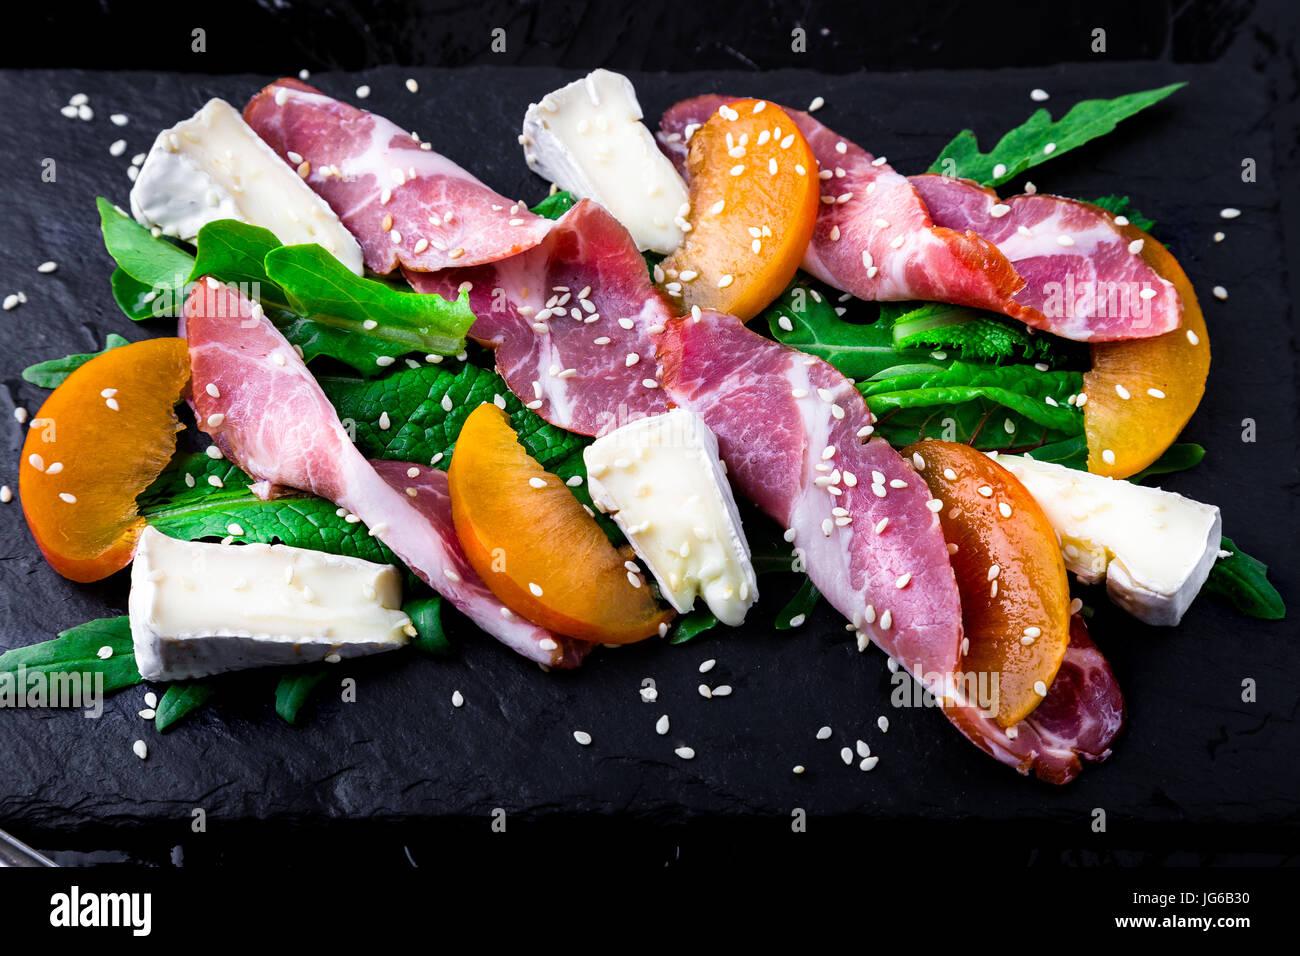 Ensalada con Jamón, jamón serrano, camembert, melón, rúcula sobre placa de pizarra de piedra Imagen De Stock